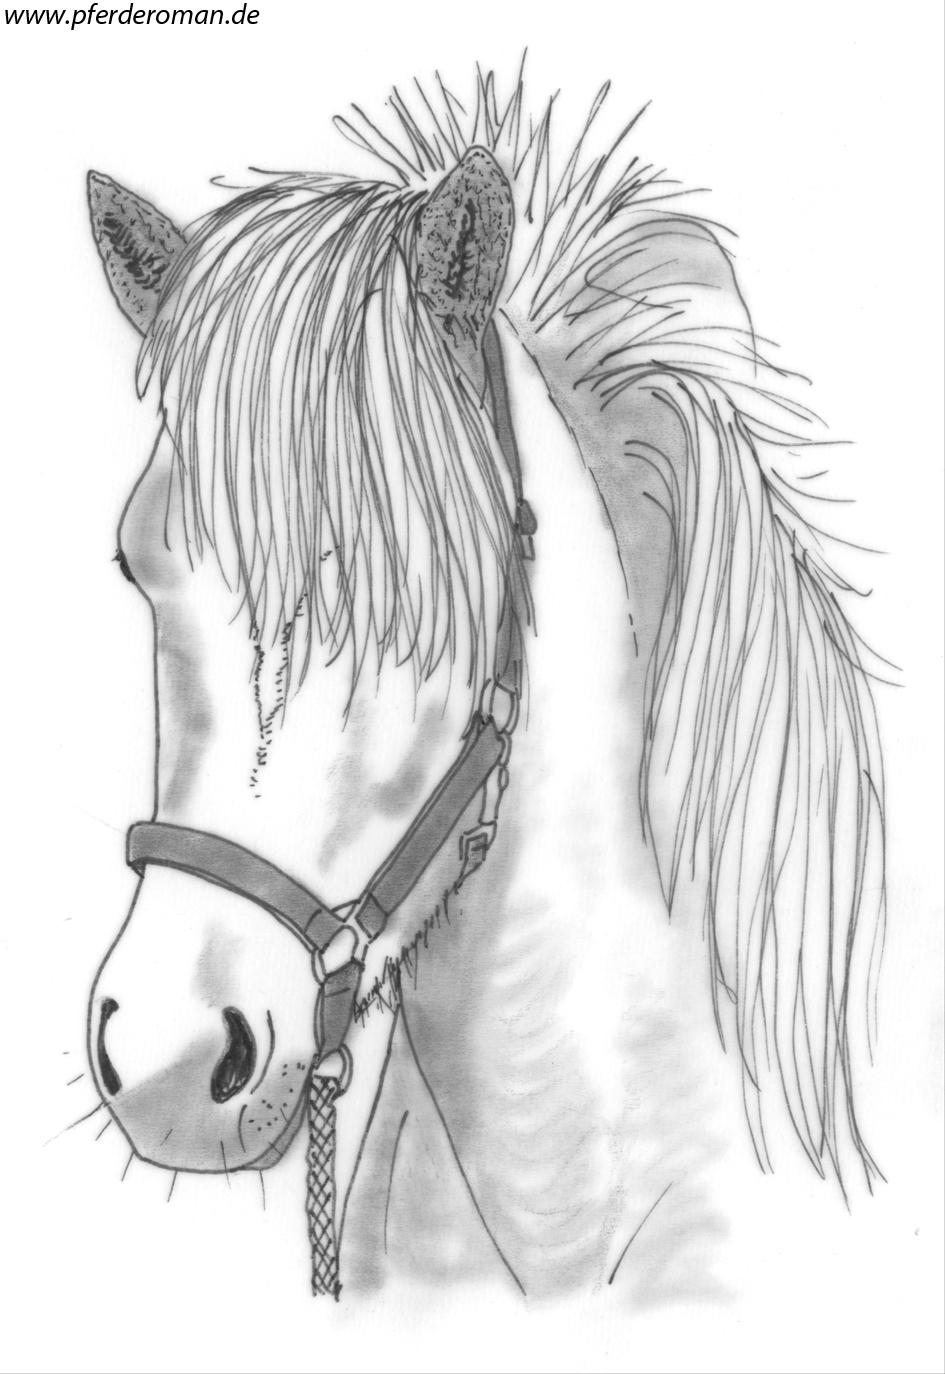 Kostenloste Pferdebilder Zum Ausmalen bei Pferdebilder Zum Malen